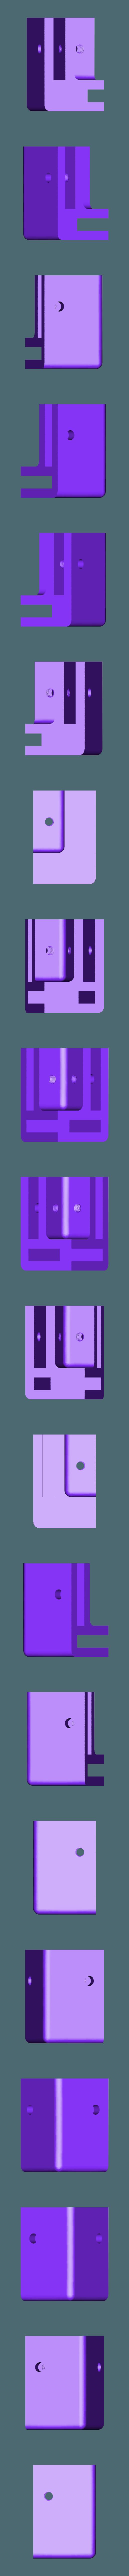 corner_mk1.0.stl Télécharger fichier STL gratuit Couvercle de bobine pour les enceintes avec des bidons déshydratants en option • Modèle à imprimer en 3D, gnattycole